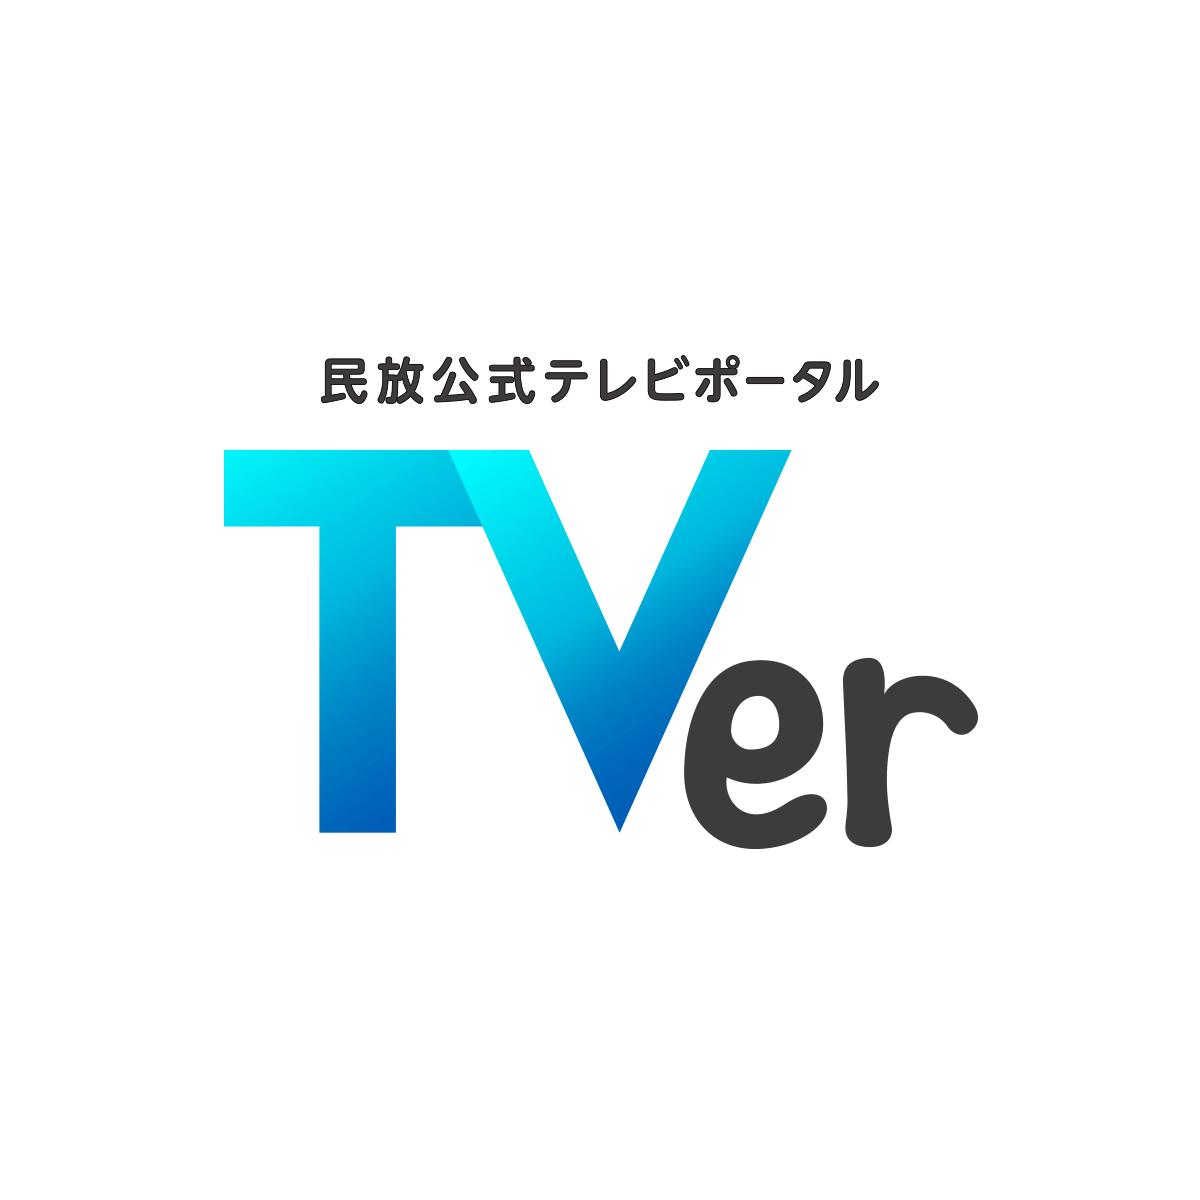 バラエティ | 民放公式テレビポータル「TVer(ティーバー)」